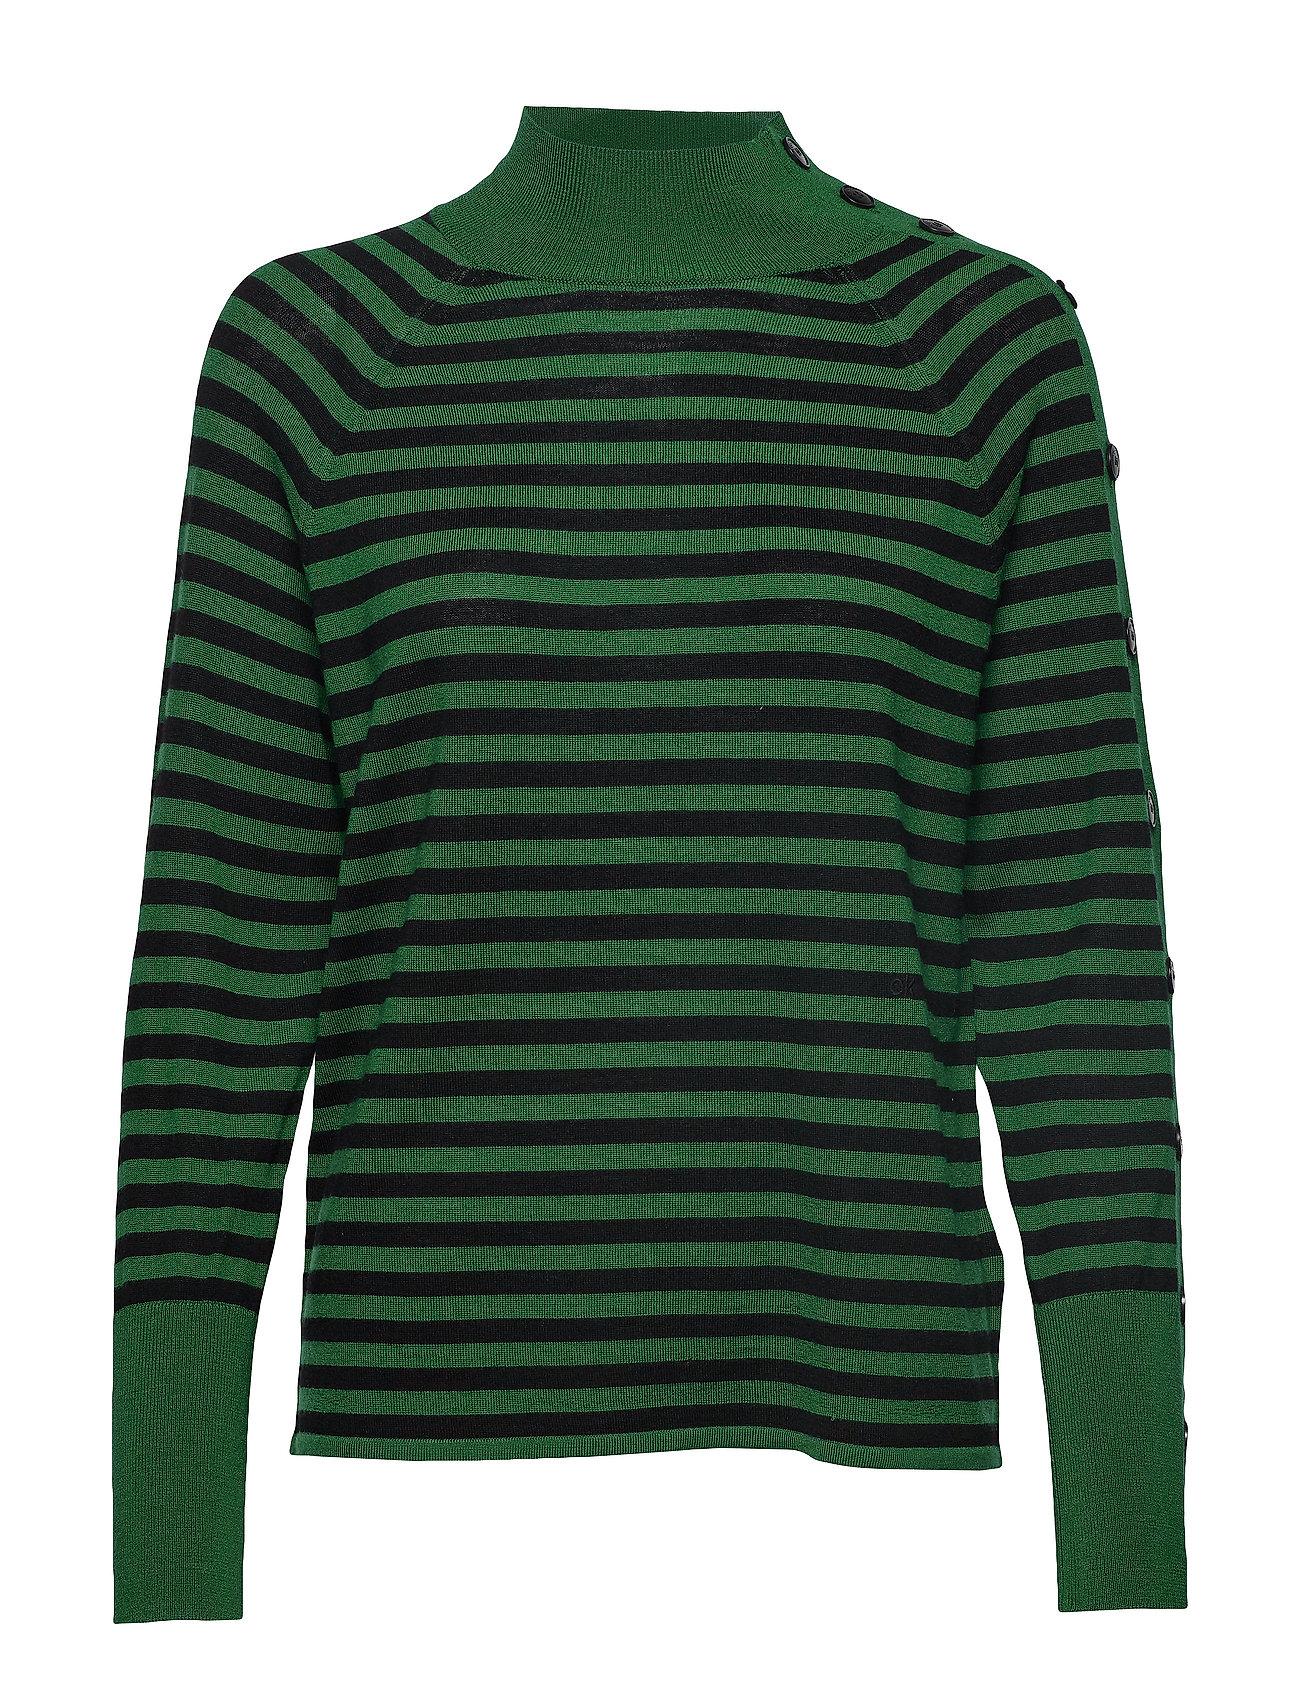 CALVIN KLEIN Extrafine Wool Stp S Rollkragenpullover Poloshirt Grün CALVIN KLEIN